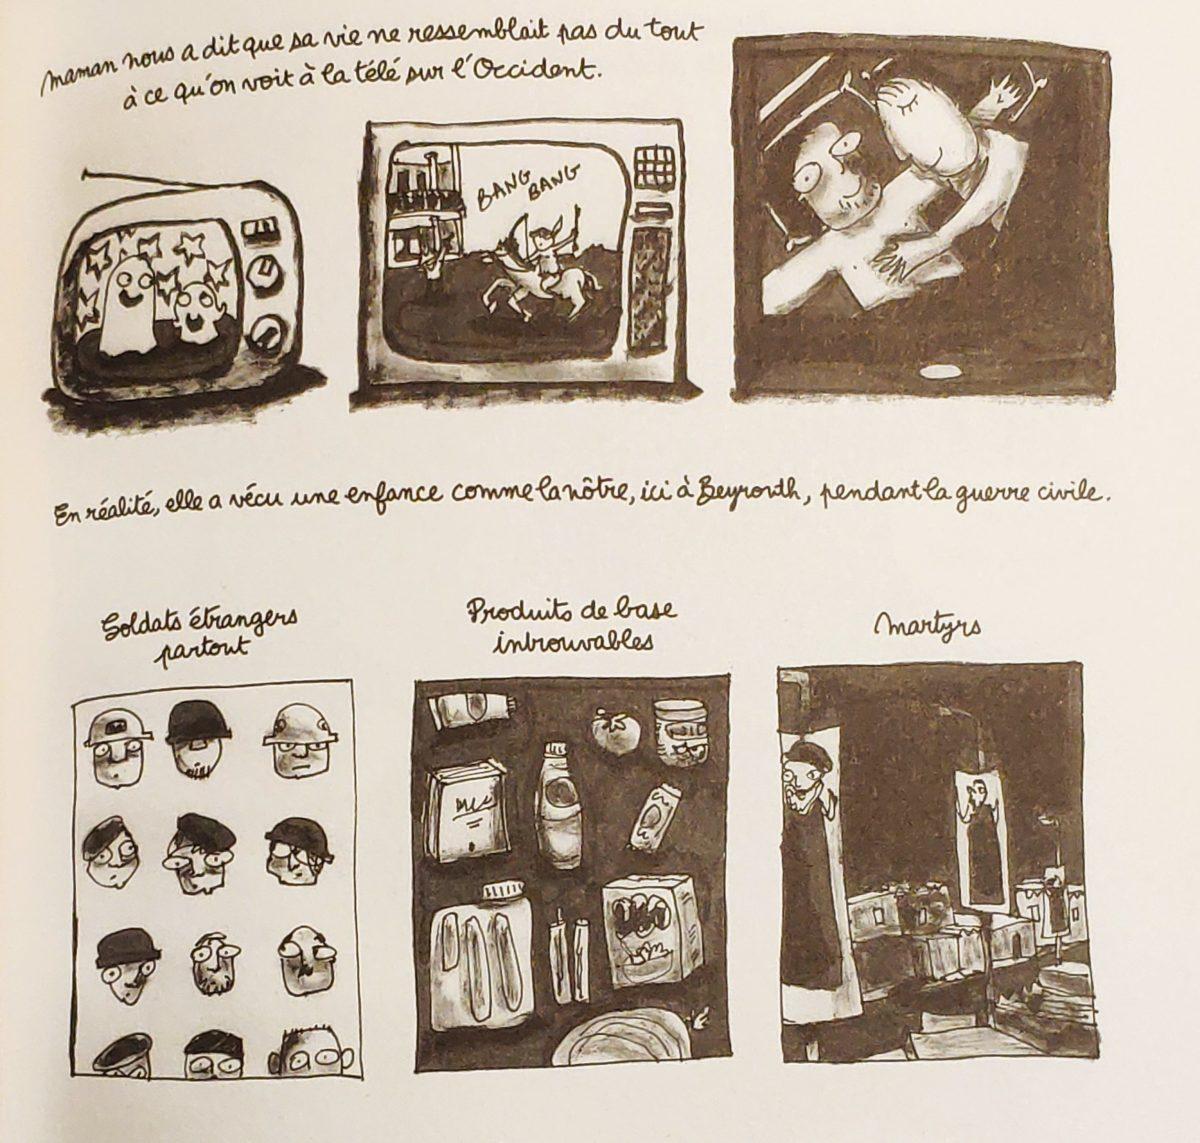 Mio caro fumetto… – Laban et confiture - La guerra accomuna l'infanzia di madre e figli